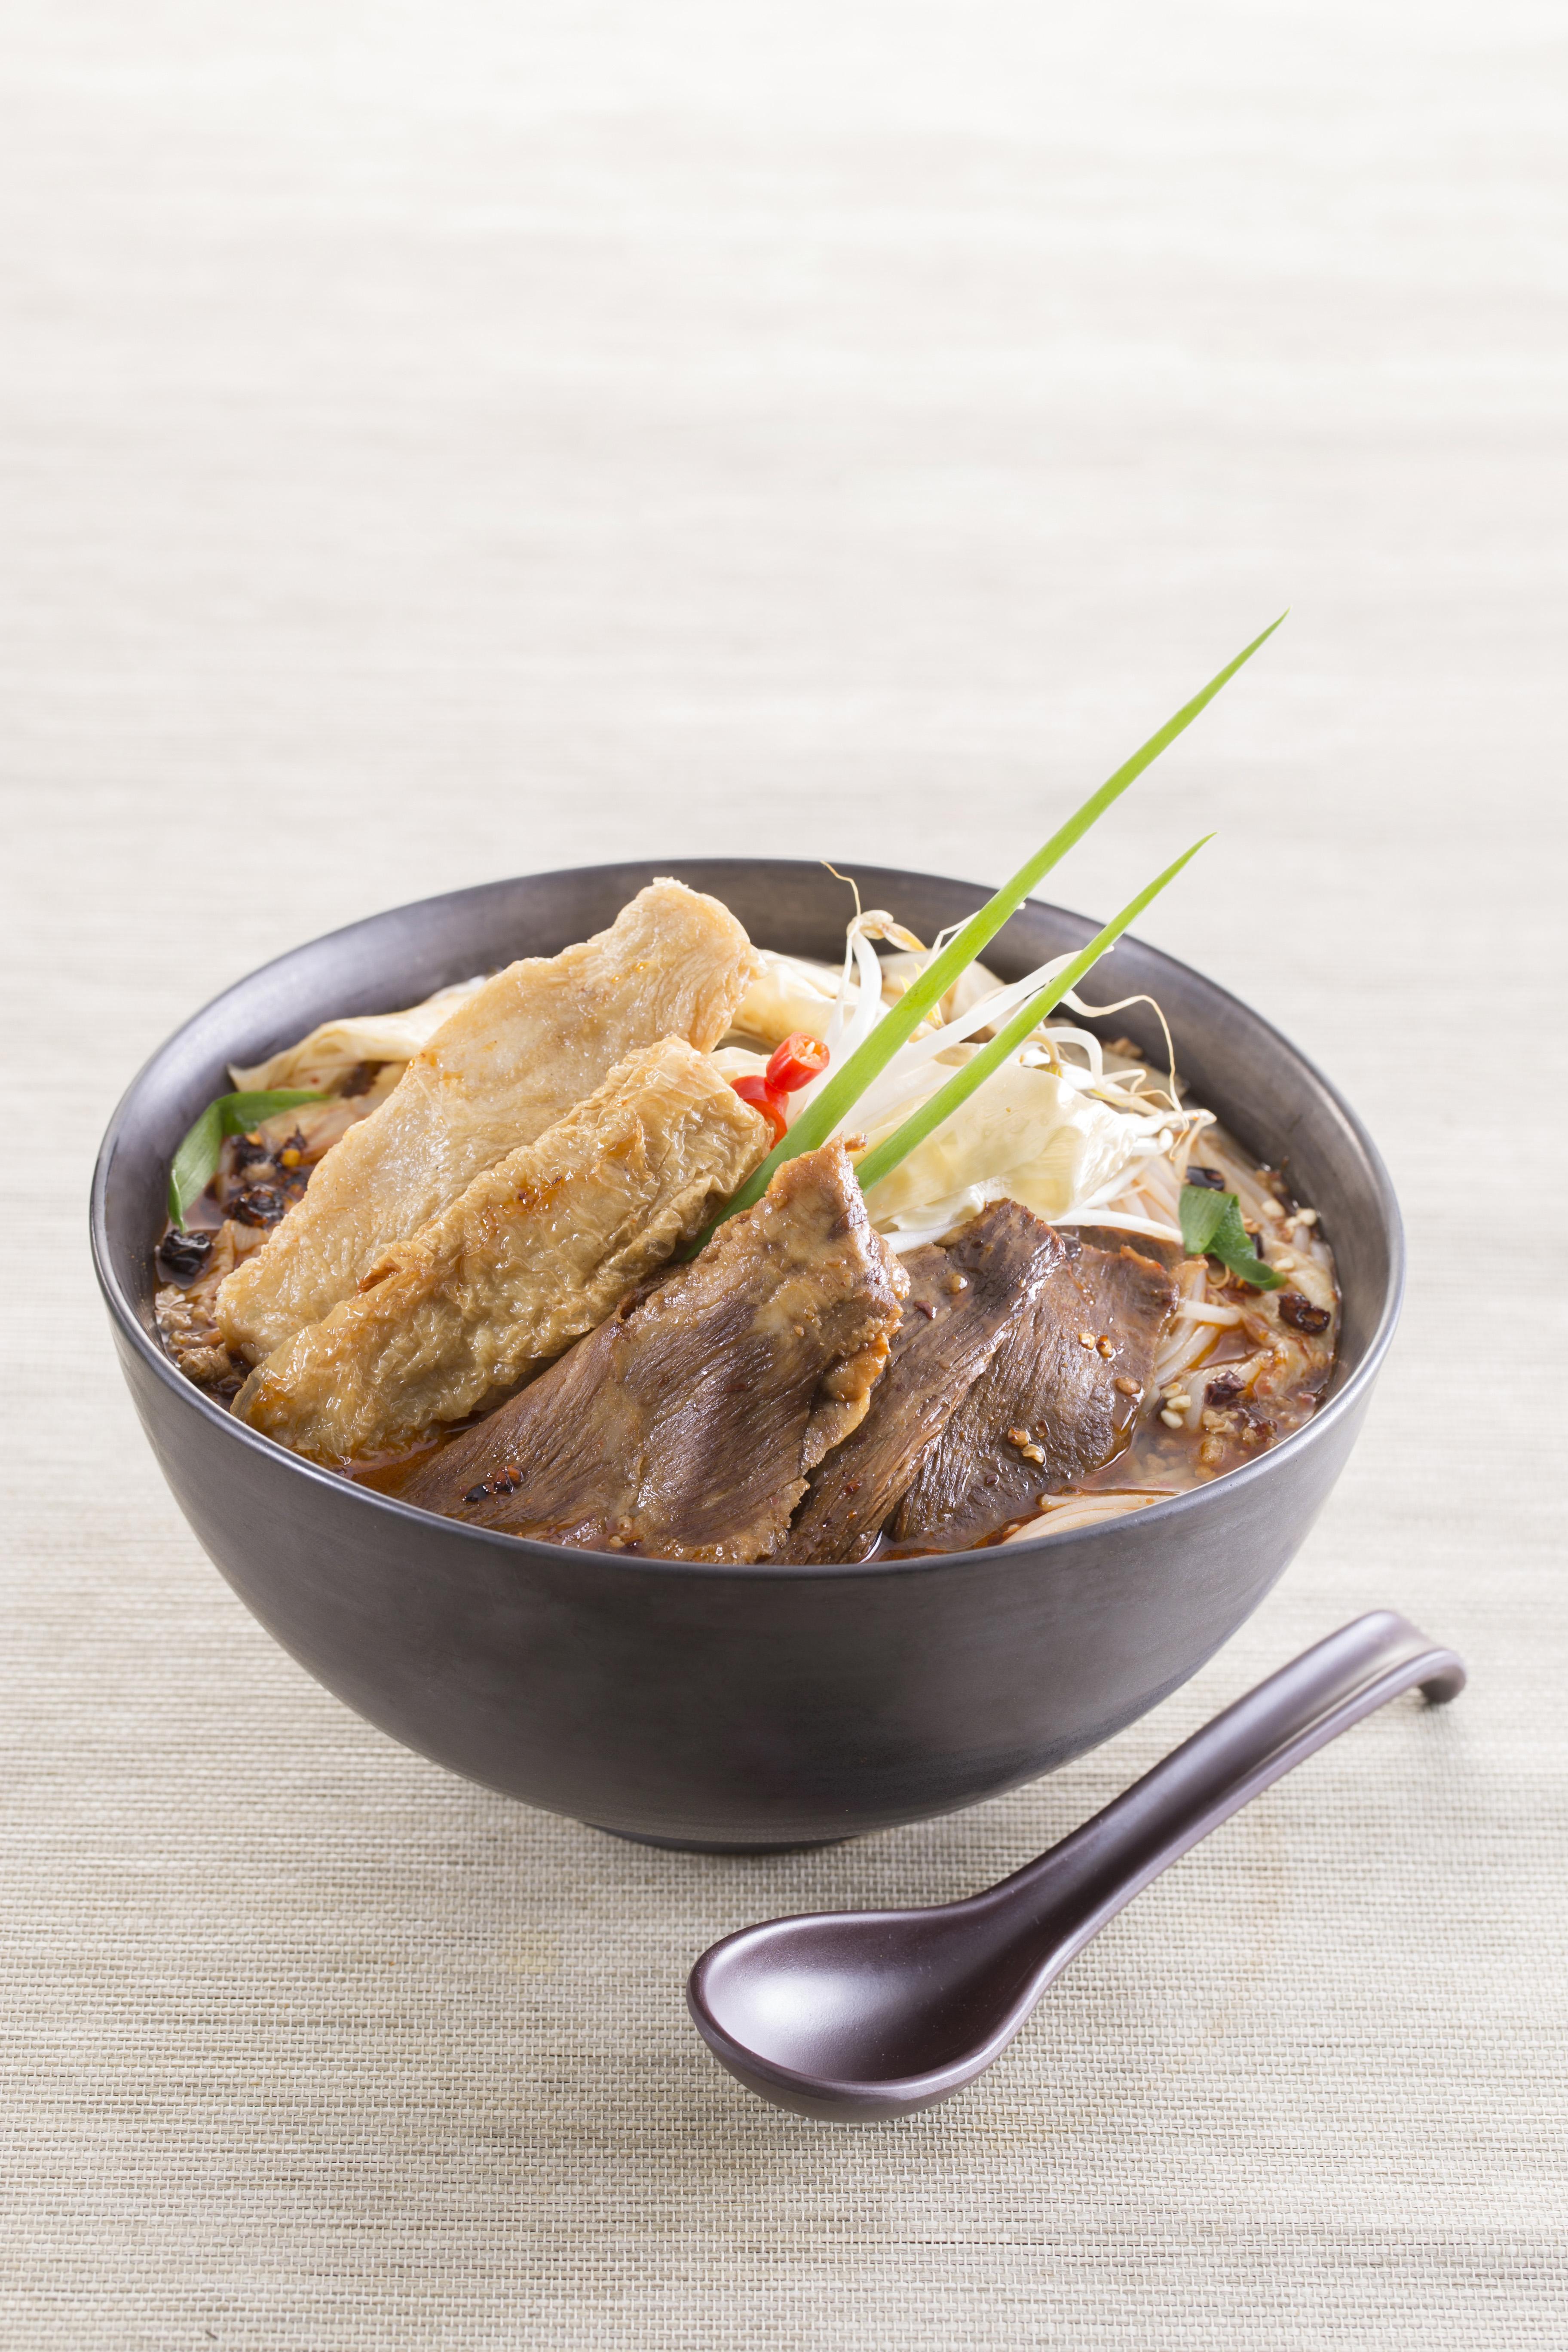 辣猪肉春卷酸辣米线